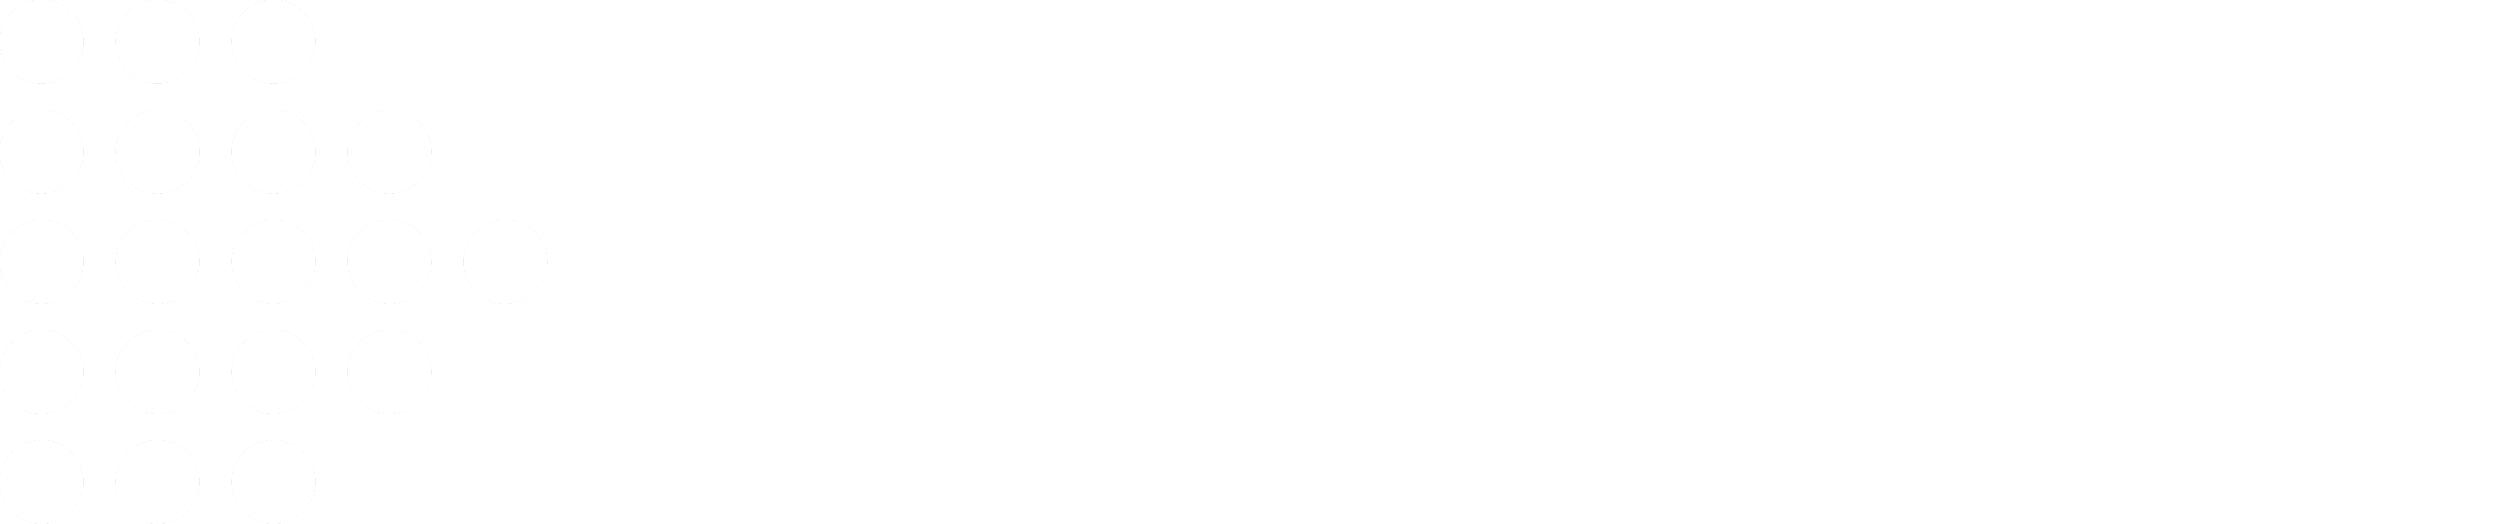 datamill